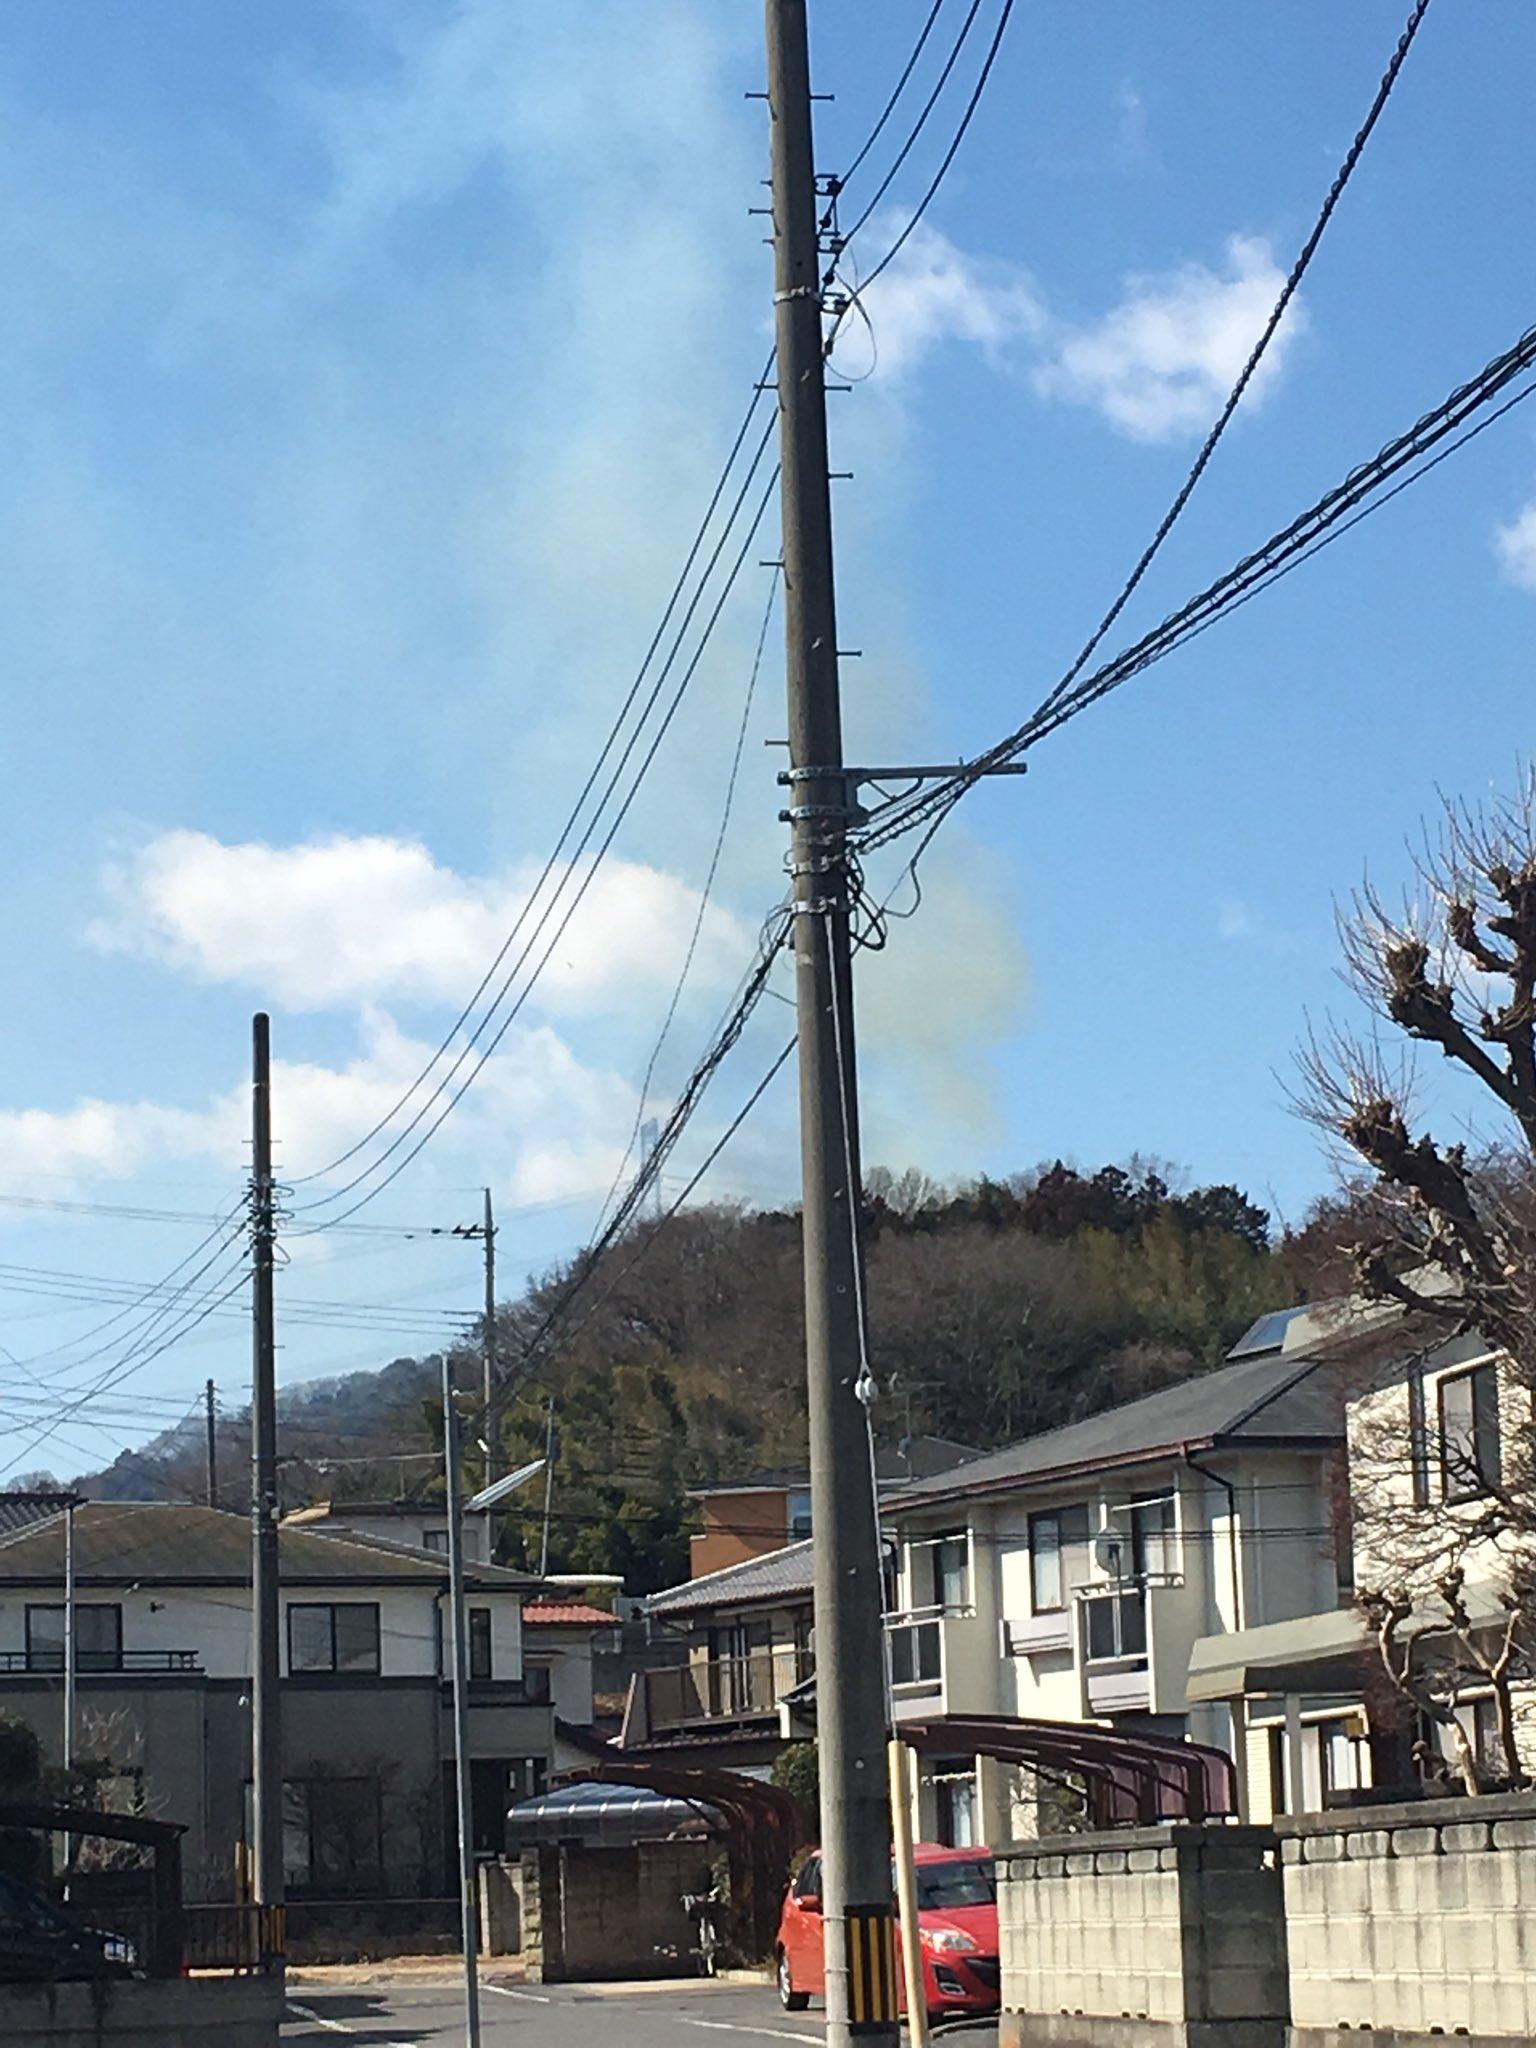 画像,のつけで山火事やばい!!消防車とパトカーのサイレンがメッチャやばい!!!竹が燃える音がはんぱなかった!!すごすぎる!! https://t.co/53h30q6…